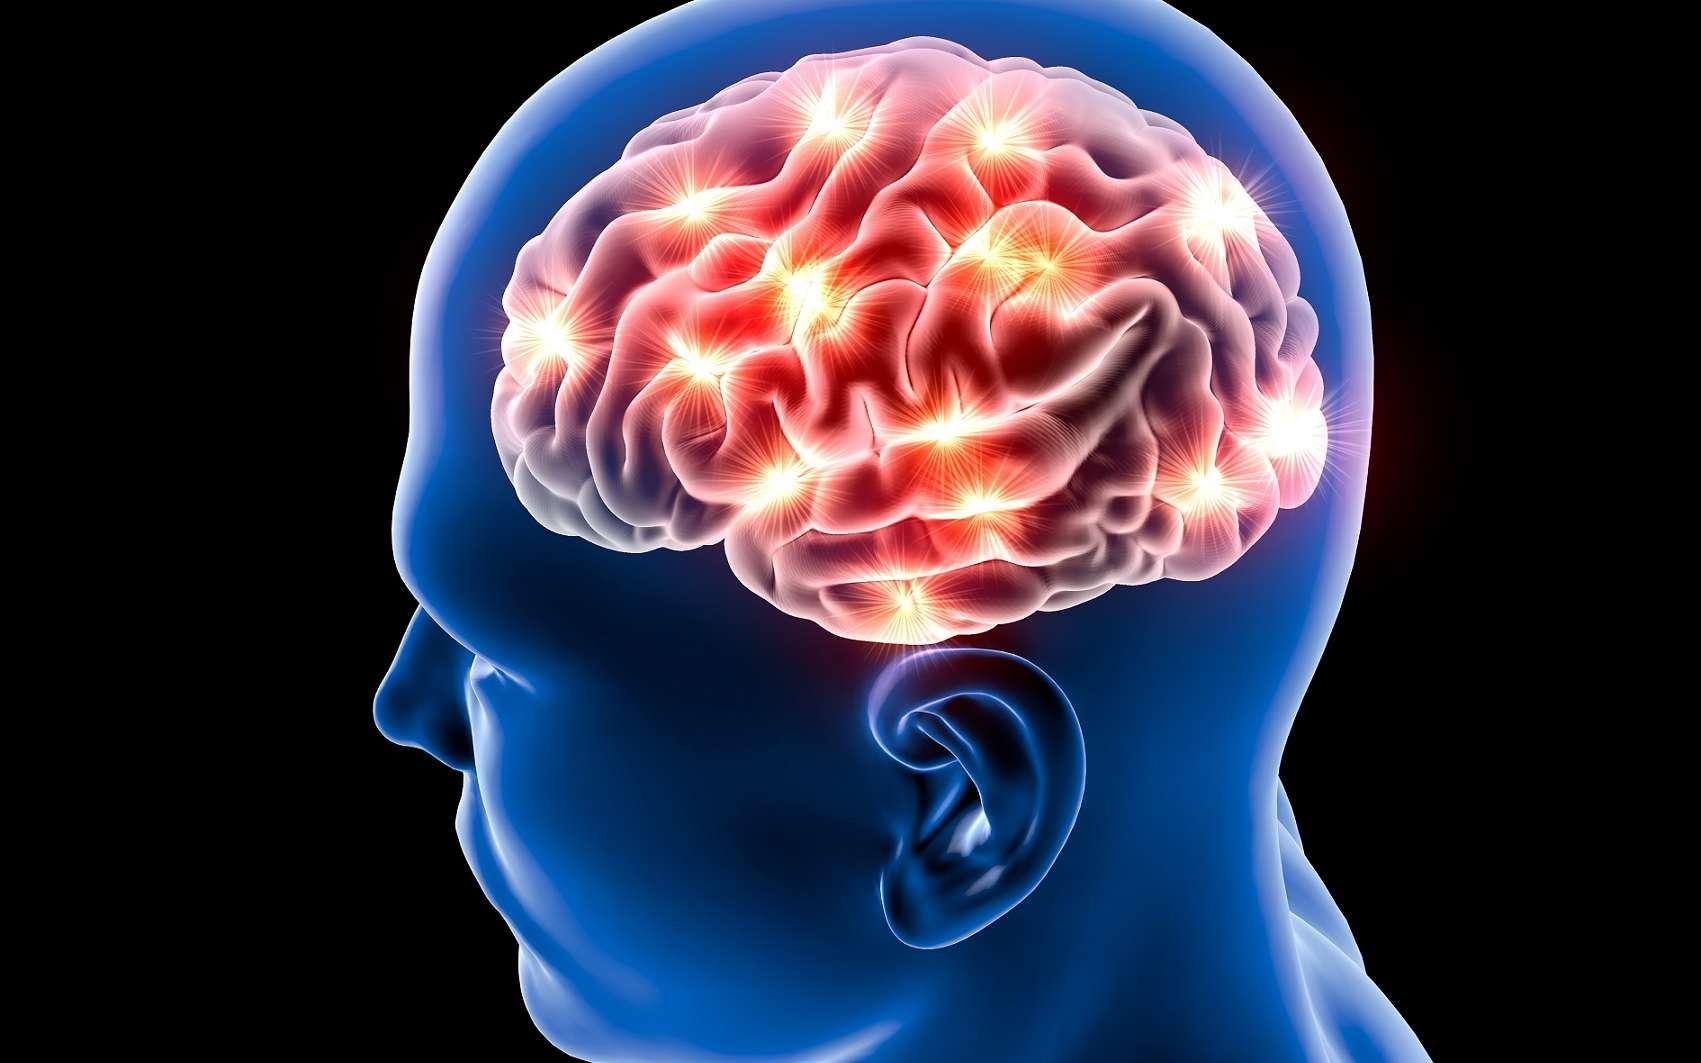 Dans les cerveaux de patients souffrant de maladie d'Alzheimer se forment des plaques amyloïdes. De telles structures ont été retrouvées chez des patients ayant eu une greffe de dure-mère. © Naeblys